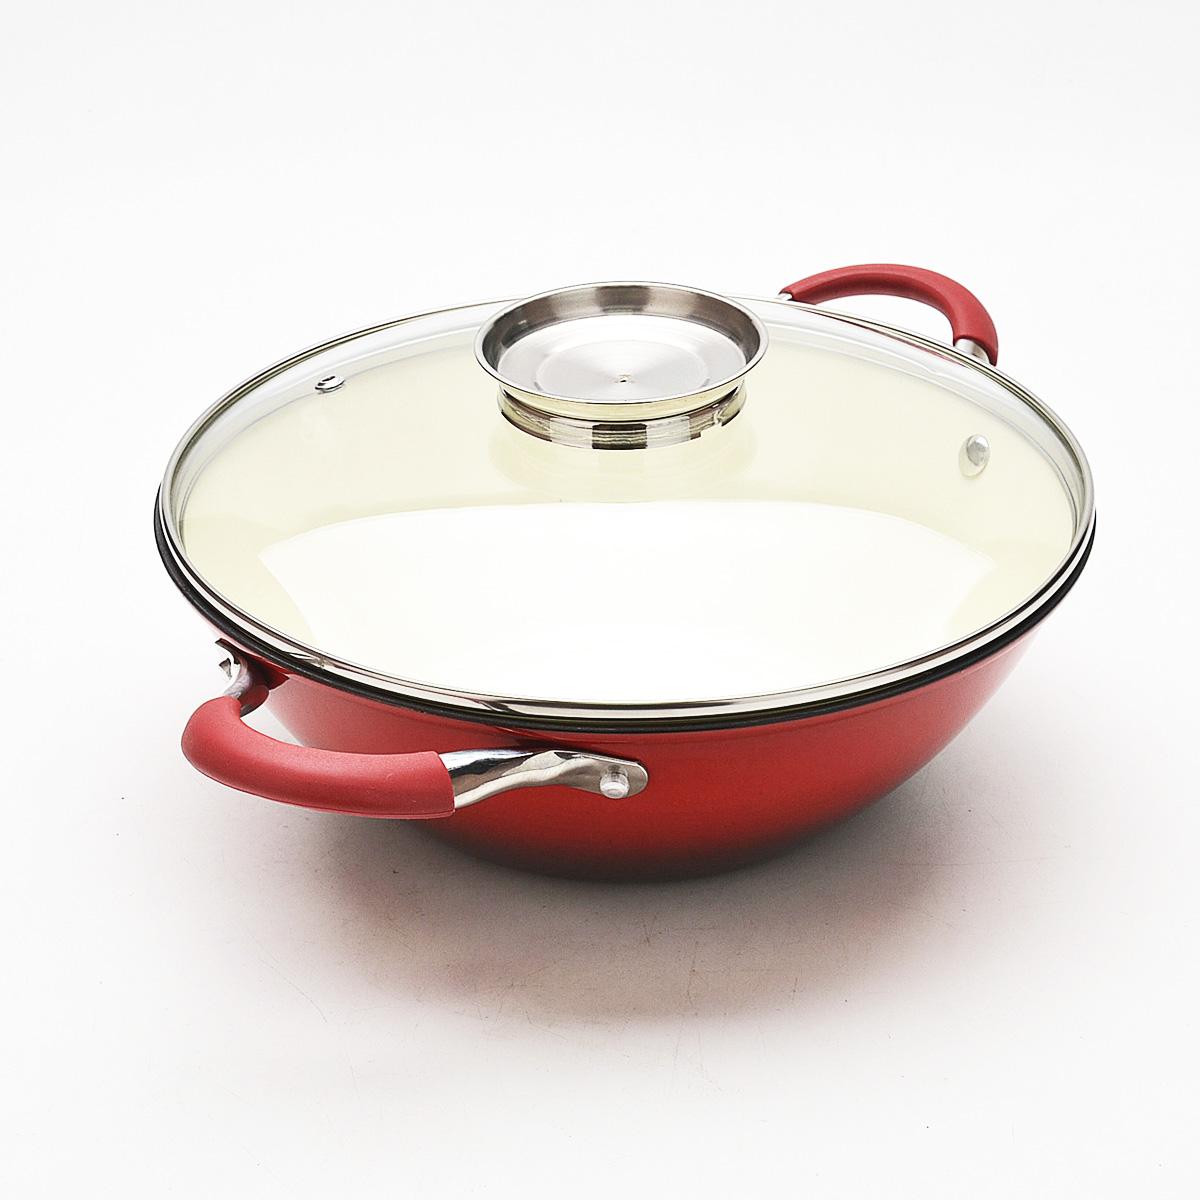 Казан Mayer & Boch с крышкой, с эмалевым покрытием, цвет: красный, 3,6 лж44аКазан Mayer & Boch, изготовленный из чугуна, идеально подходит для приготовления вкусных тушеных блюд. Он имеет внешнее и внутреннее эмалевое покрытие. Чугун является традиционным высокопрочным, экологически чистым материалом. Его главной особенностью является то, что эмаль наносится с внешней стороны изделия, а внутри - керамическое покрытие. Причем, чем дольше и чаще вы пользуетесь этой посудой, тем лучше становятся ее свойства. Высокая теплоемкость чугуна позволяет ему сильно нагреваться и медленно остывать, а это в свою очередь обеспечивает равномерное приготовление пищи. Чугун не вступает в какие-либо химические реакции с пищей в процессе приготовления и хранения, а плотное покрытие - безупречное препятствие для бактерий и запахов. Пища, приготовленная в чугунной посуде, благодаря экологической чистоте материала не может нанести вред здоровью человека. Казан оснащен двумя удобными ручками из нержавеющей стали с силиконовыми вставками. К казану прилагается стеклянная крышка с пароотводом, ручкой и ободом из нержавеющей стали. Крышка удобна в использовании и позволяет контролировать процесс приготовления пищи. Казан Mayer & Boch можно использовать на всех типах плит, кроме индукционной. Также изделие можно мыть в посудомоечной машине. Ширина казана с учетом ручек: 40 см.Высота казана (без учета крышки): 9,5 см.Толщина стенки: 4 мм. Толщина дна: 5 мм.